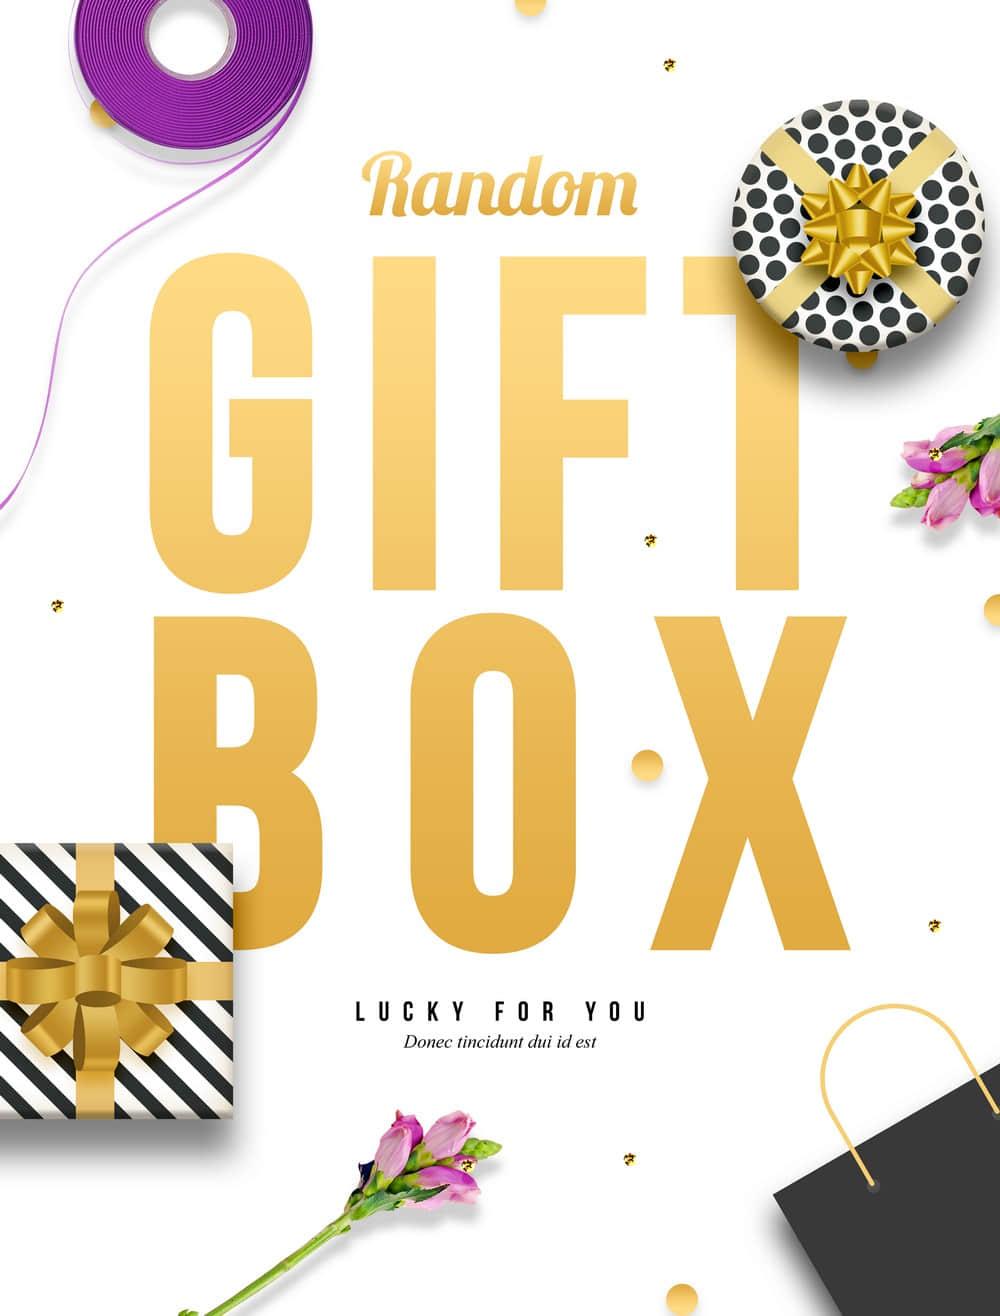 白金风格礼物盒假日惊喜促销海报